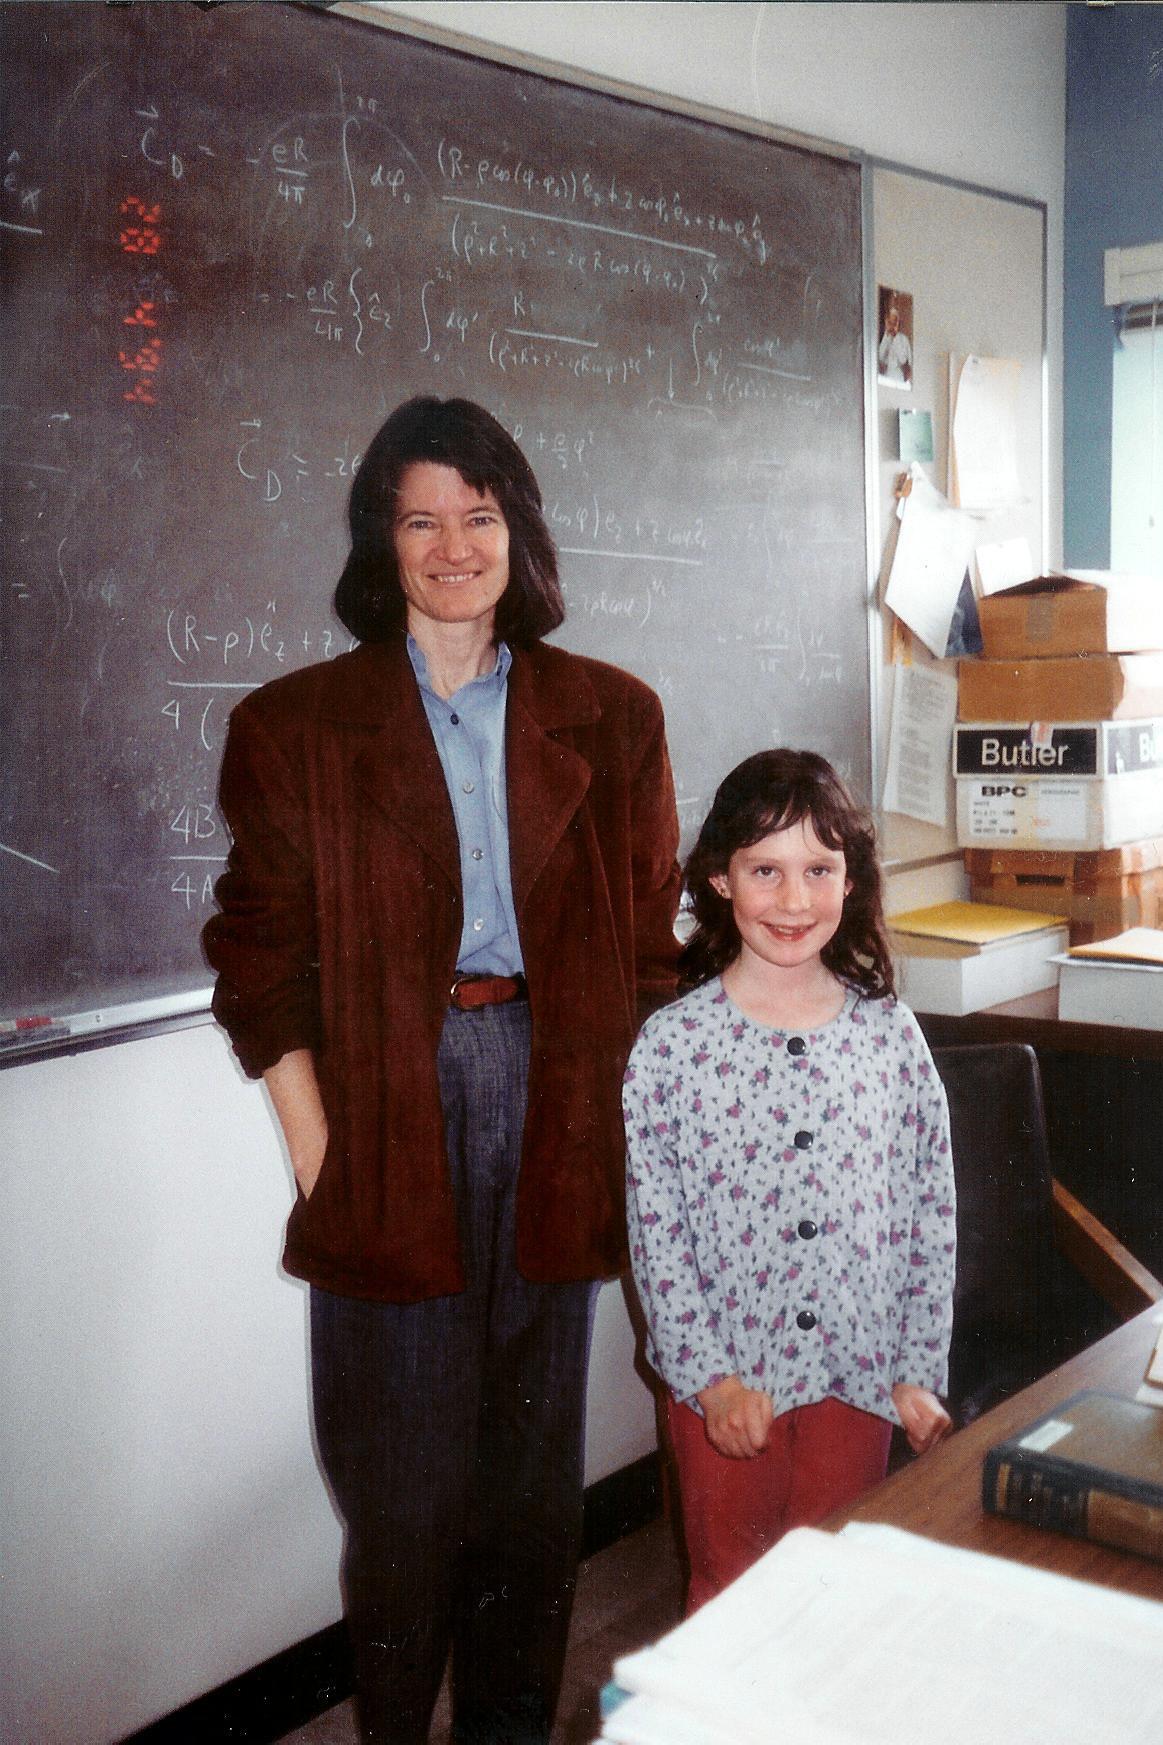 Sally Ride and Carina Preskill at Caltech, 28 April 1994.